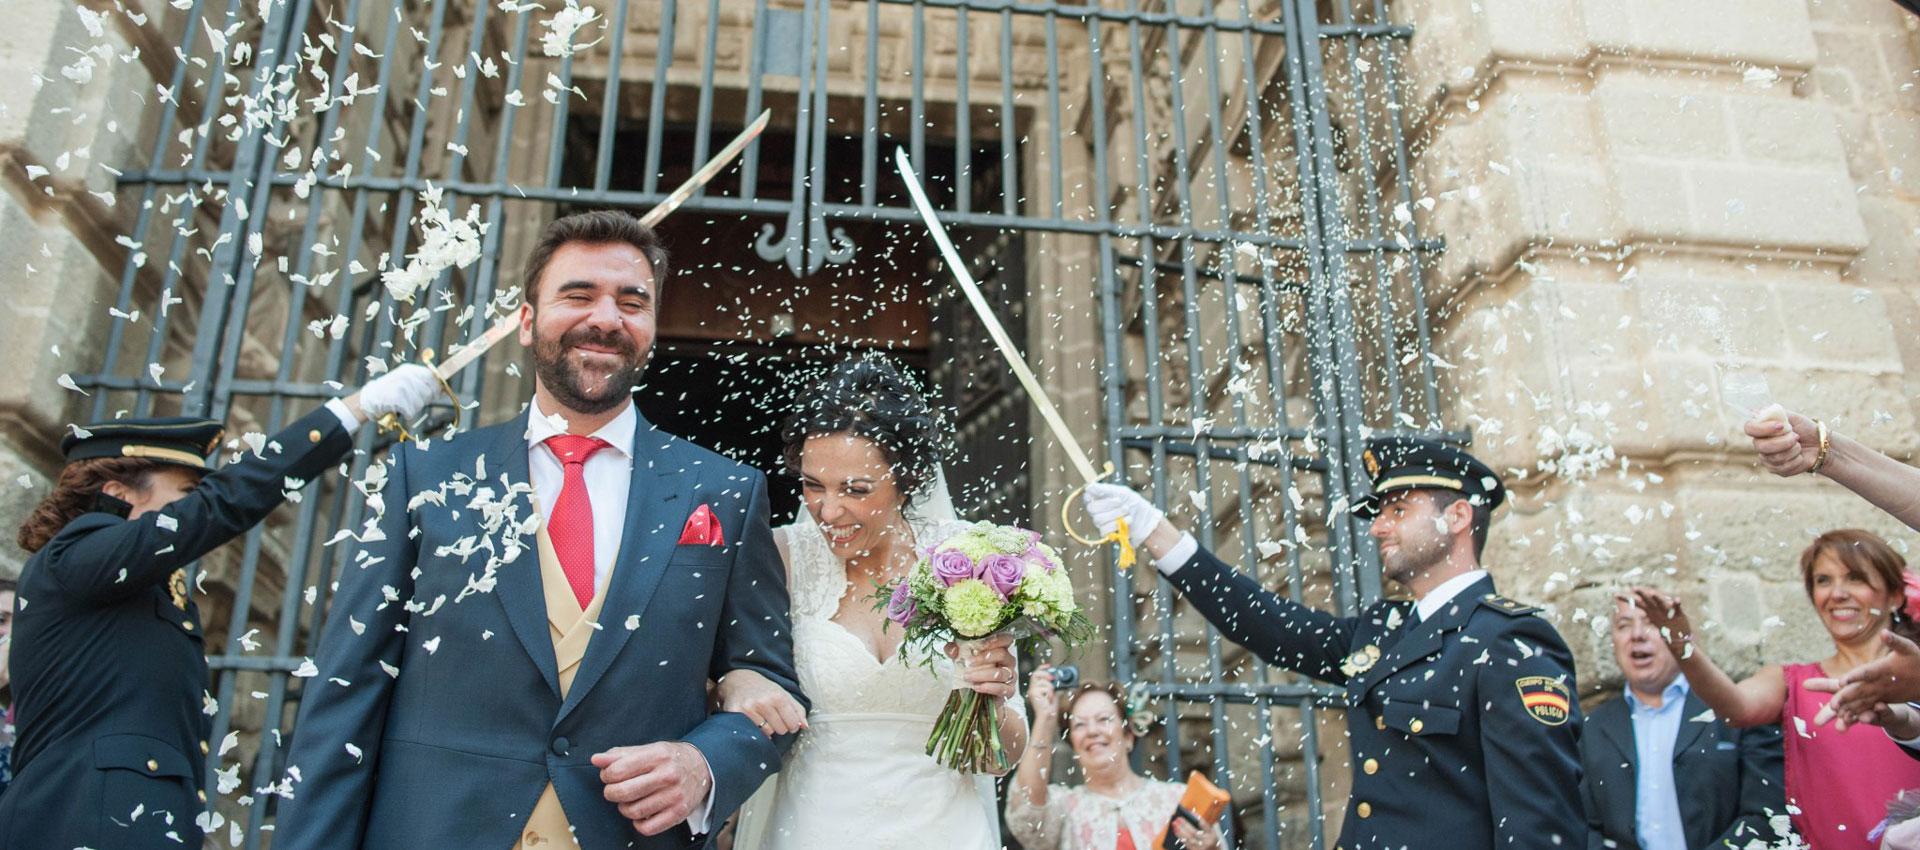 6 Fotografía de Boda - video boda cadiz